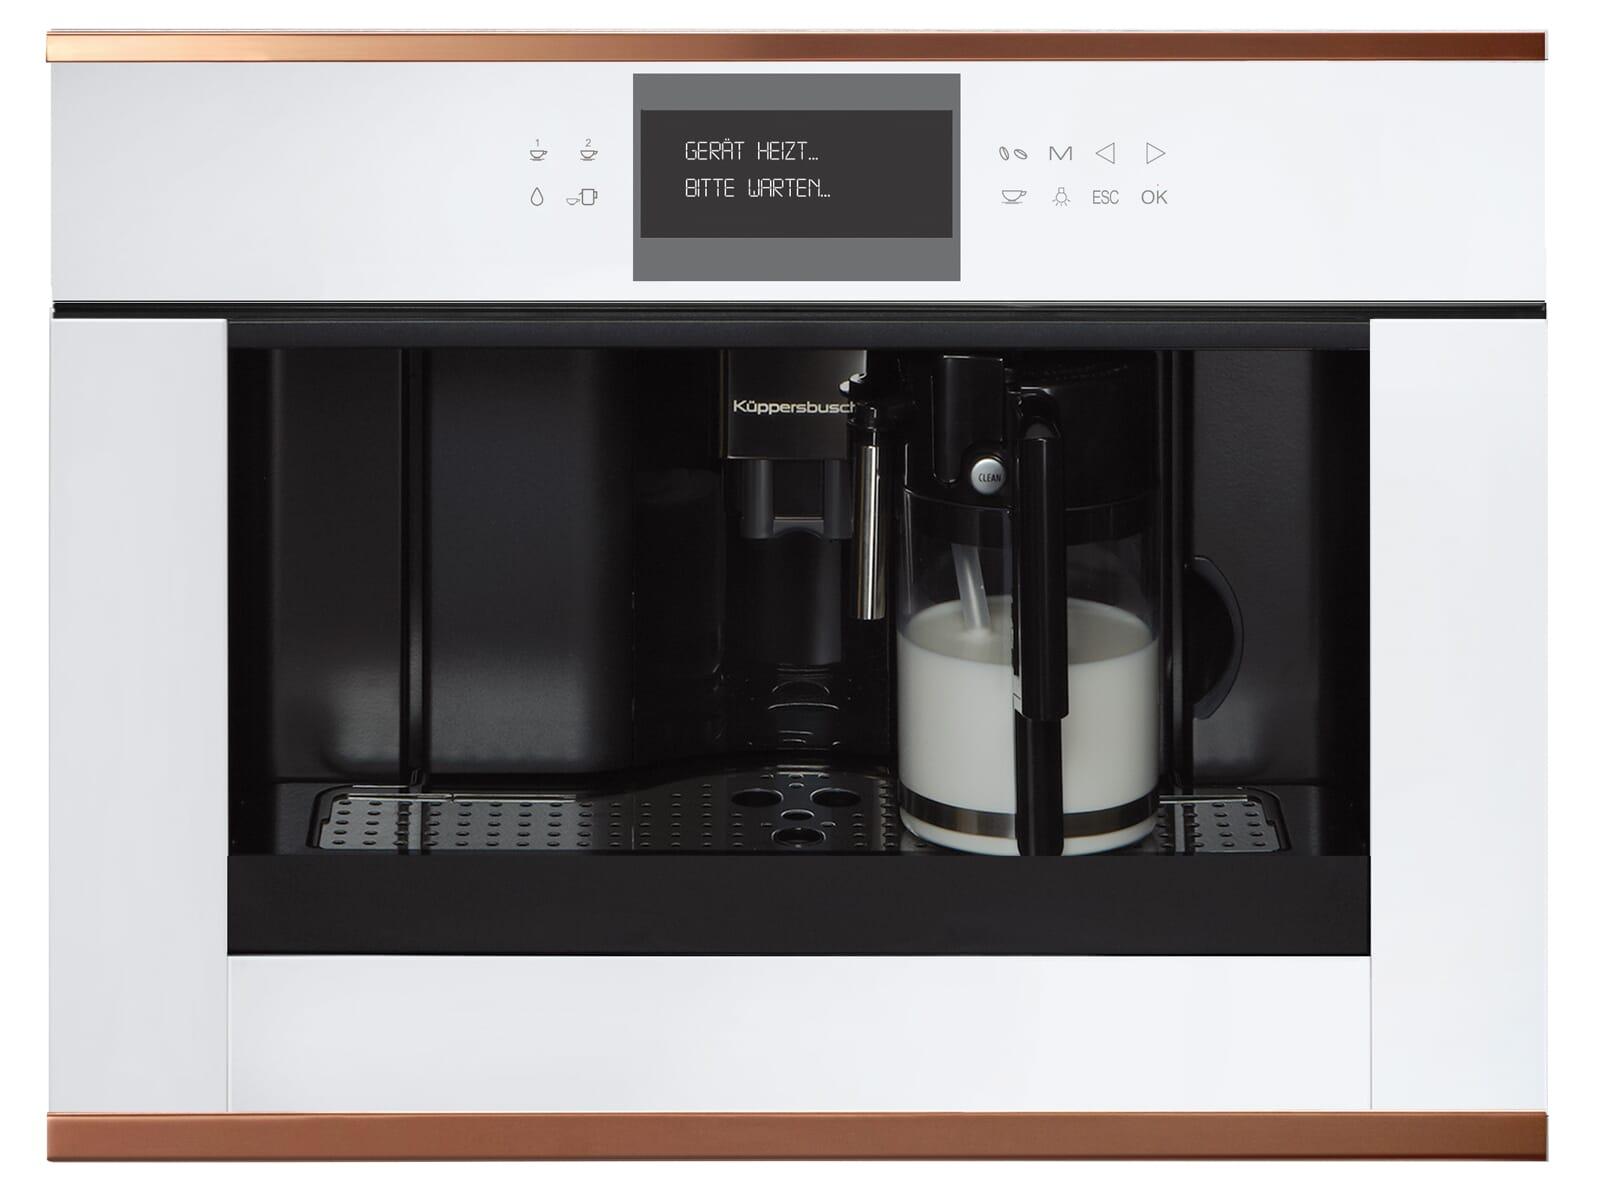 Küppersbusch CKV 6550.0 W7 K-Series. 5 Einbau-Espresso-/Kaffeevollautomat Weiß/Copper